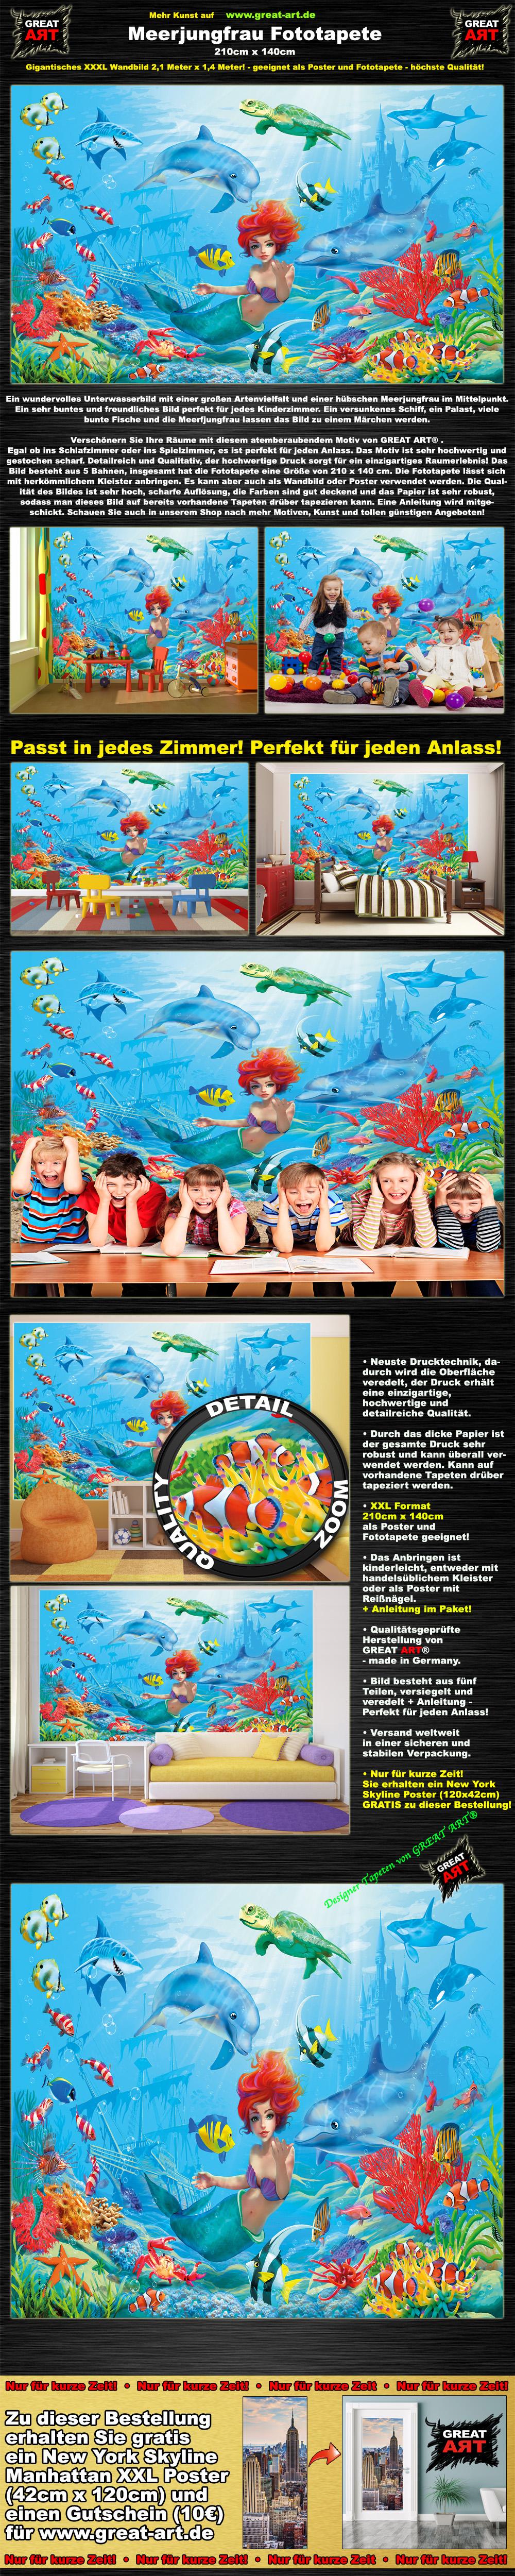 Fototapete Unterwasserwelt : Details zu Unterwasserwel t XXL Fototapete Kinderzimmer Wanddekoration